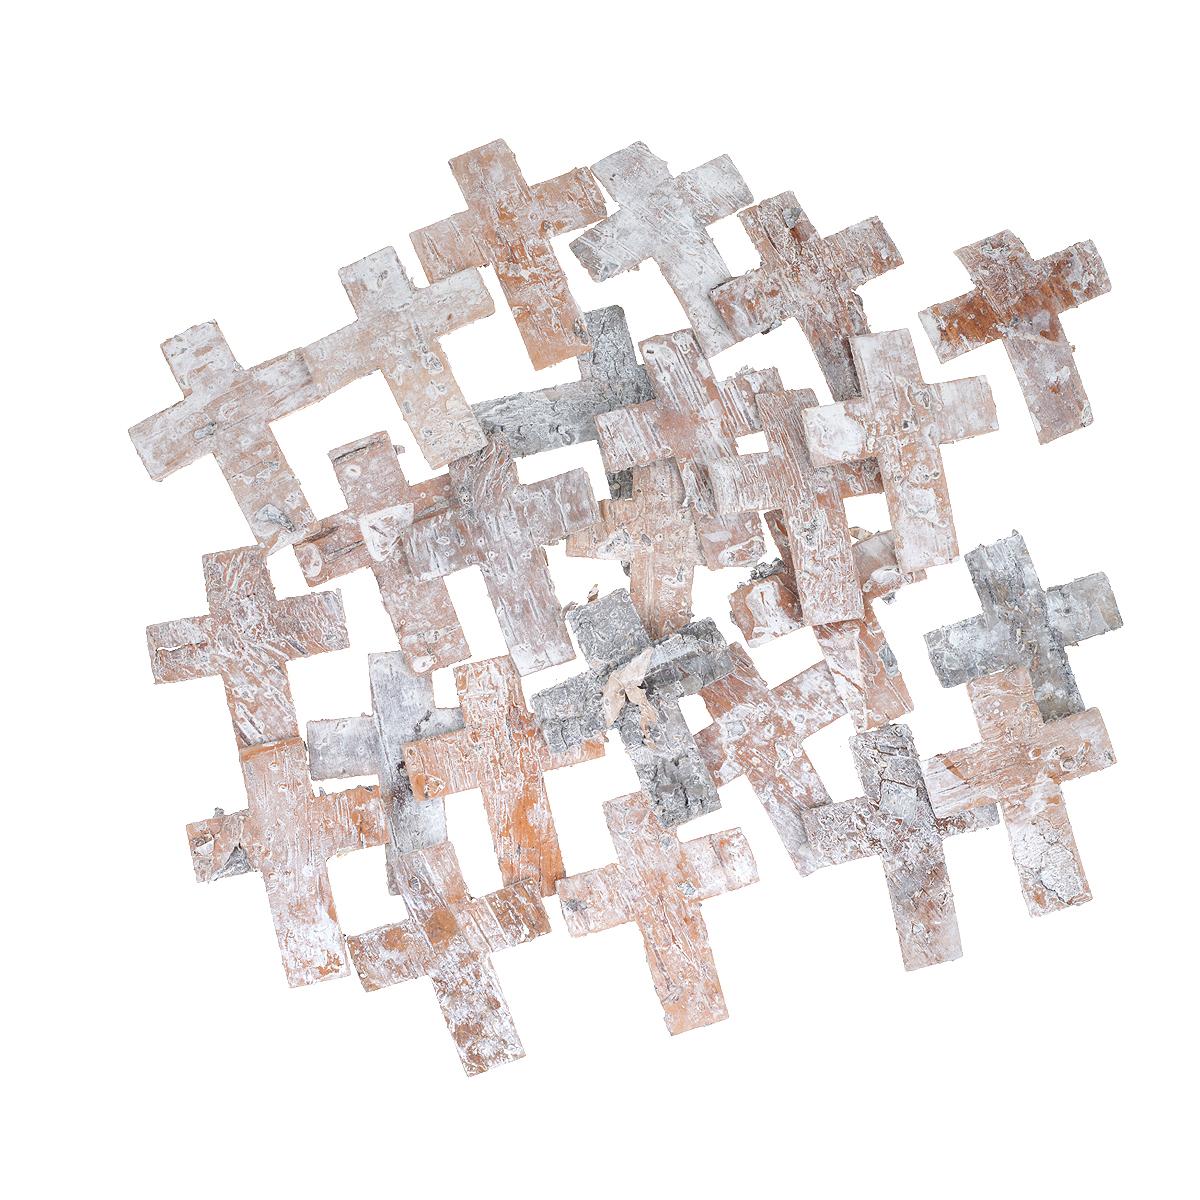 Декоративный элемент Dongjiang Art Крест, цвет: белый, 25 штC0038550Декоративный элемент Dongjiang Art Крест, изготовленный из натуральной коры дерева, предназначен для украшения цветочных композиций. Изделие можно также использовать в технике скрапбукинг и многом другом. Флористика - вид декоративно-прикладного искусства, который использует живые, засушенные или консервированные природные материалы для создания флористических работ. Это целый мир, в котором есть место и строгому математическому расчету, и вдохновению.